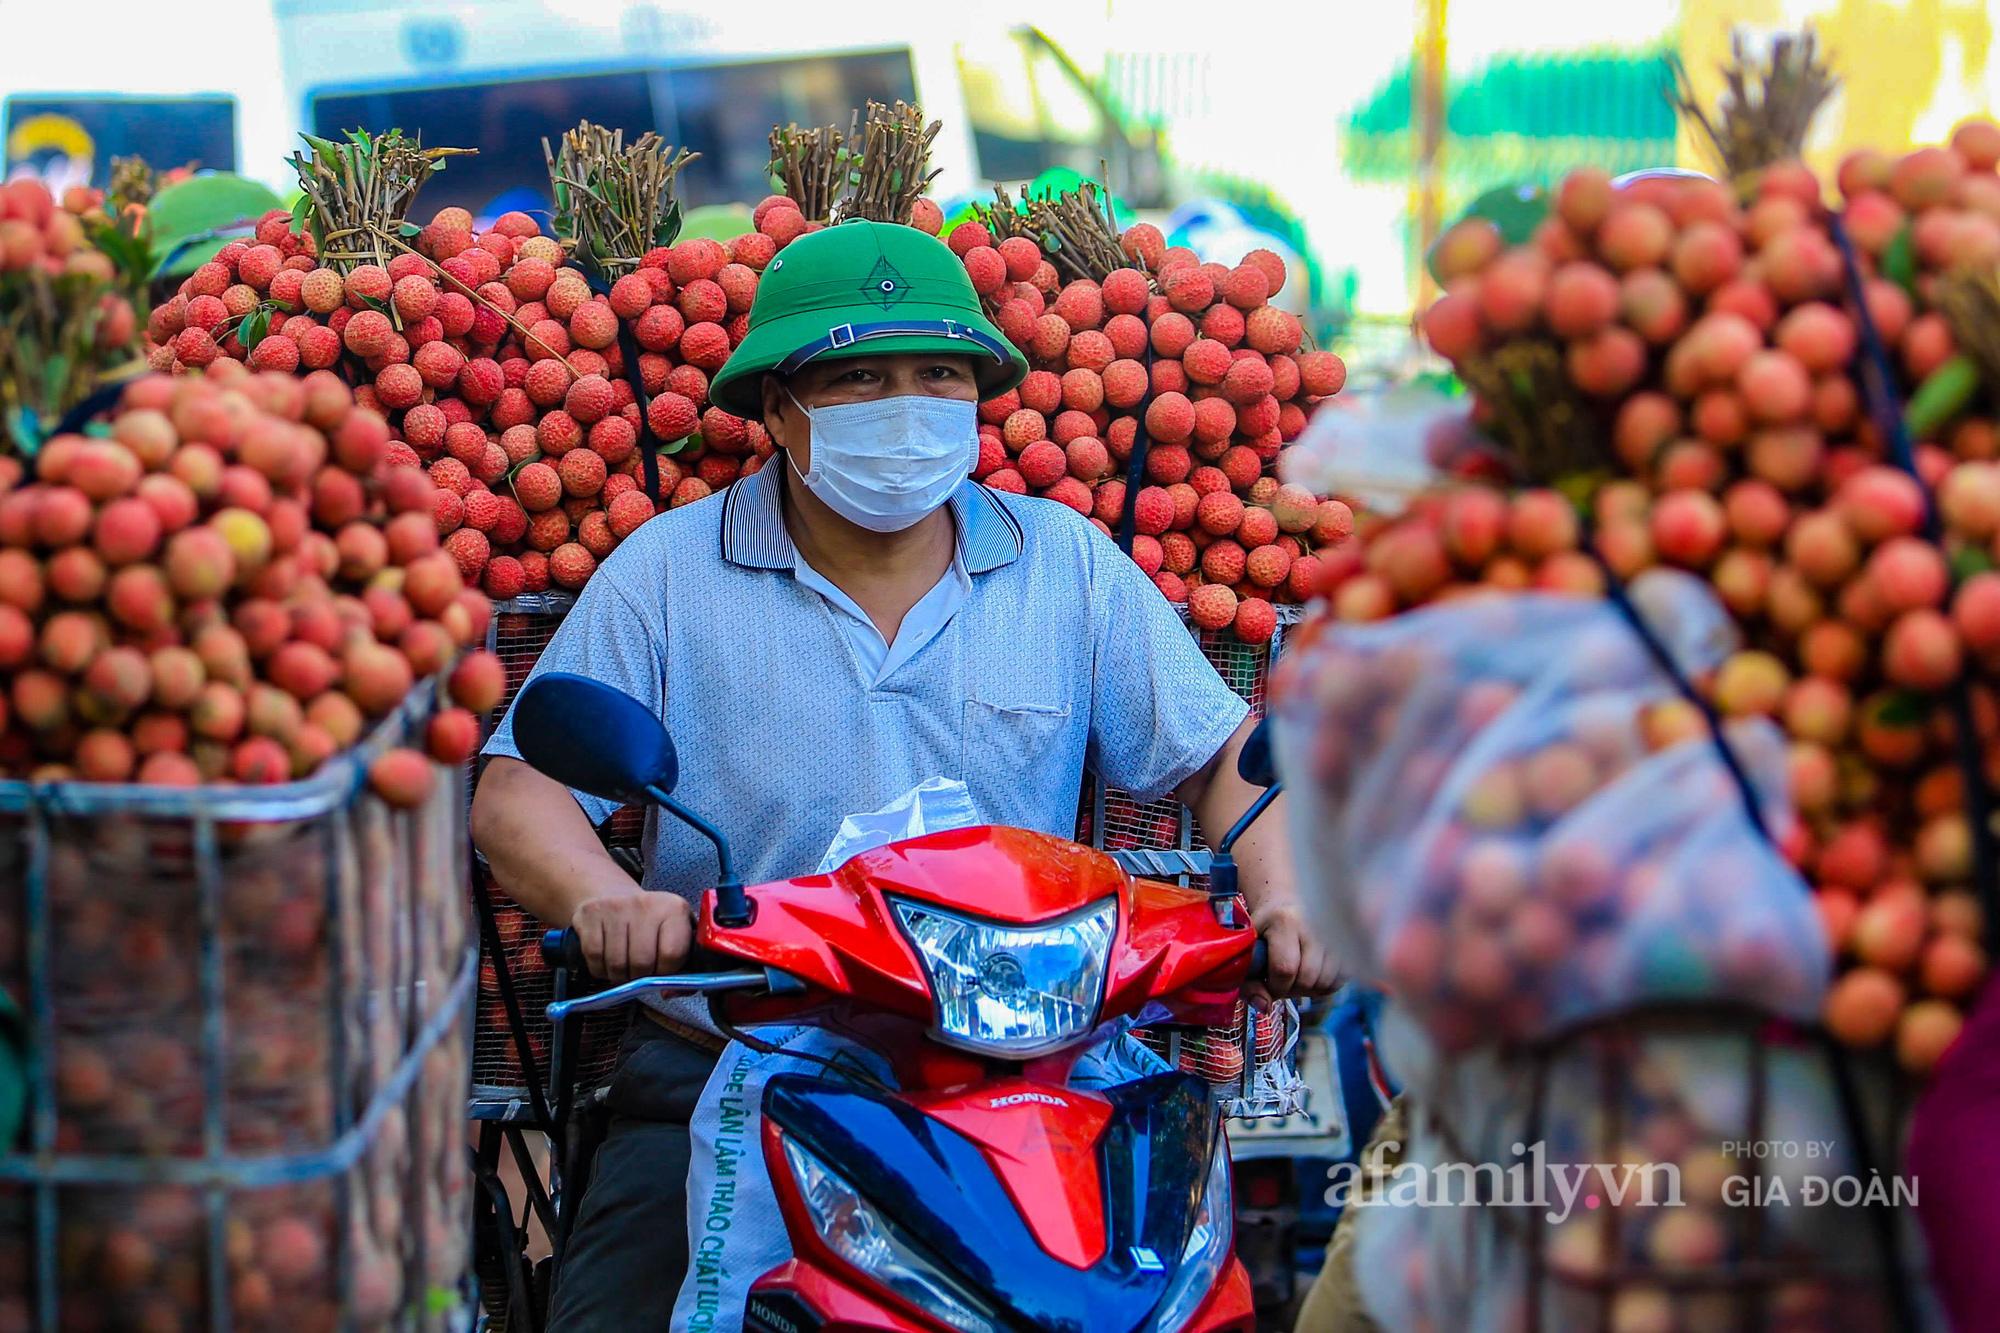 Chợ vải Bắc Giang nhộn nhịp vào mùa - Ảnh 14.